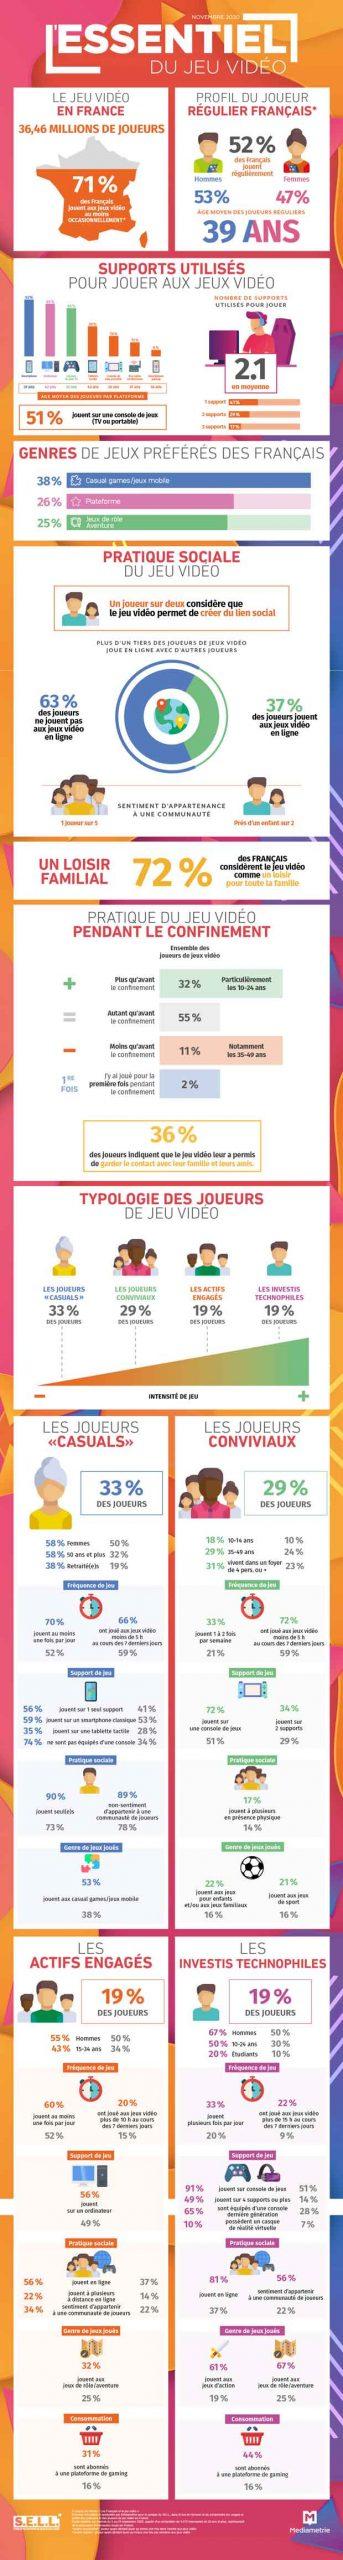 nfographie « les Français et le jeu Video » du Syndicat des Éditeurs de Logiciels de Loisirs (SELL)